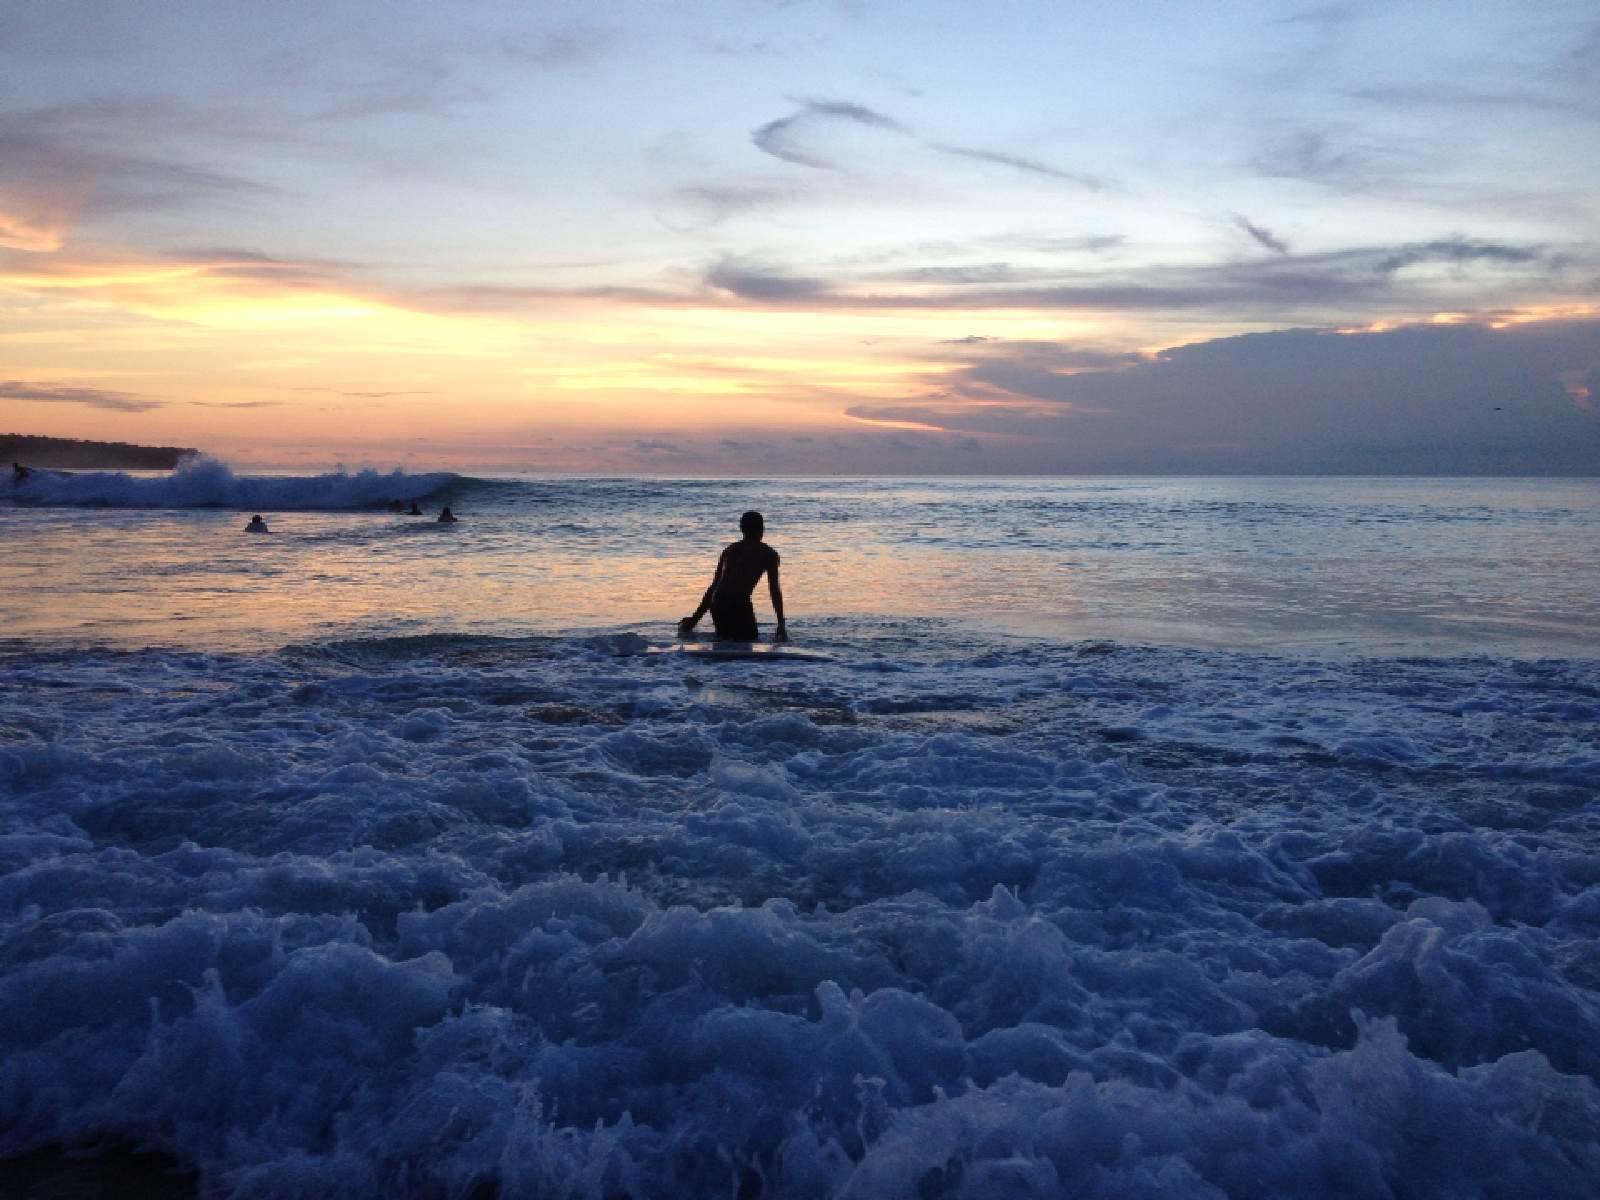 勇敢的��\_梦幻海滩勇敢的冲浪者